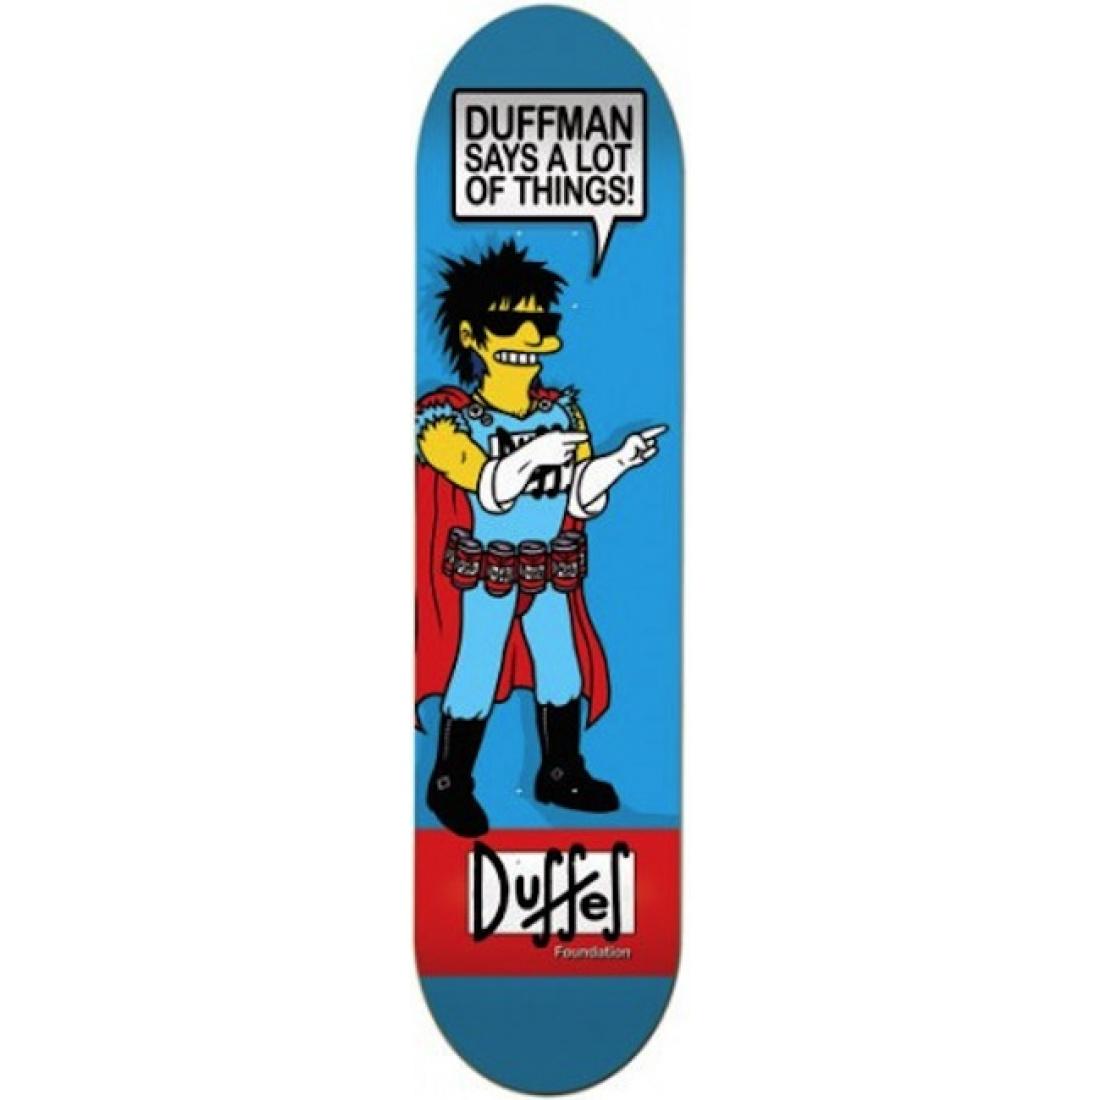 FS-Duffel Dufman Board 8.0 Deck